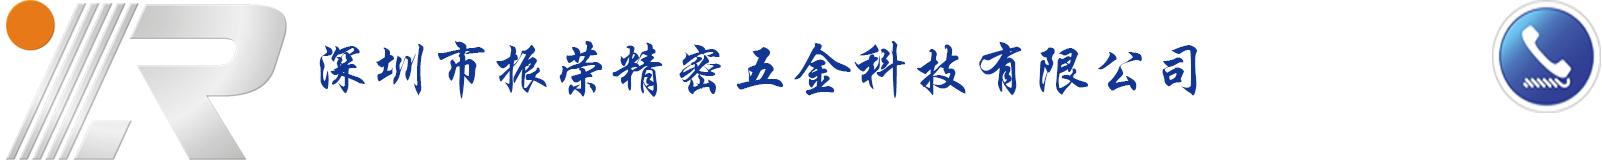 深圳市振荣精密五金科技有限公司